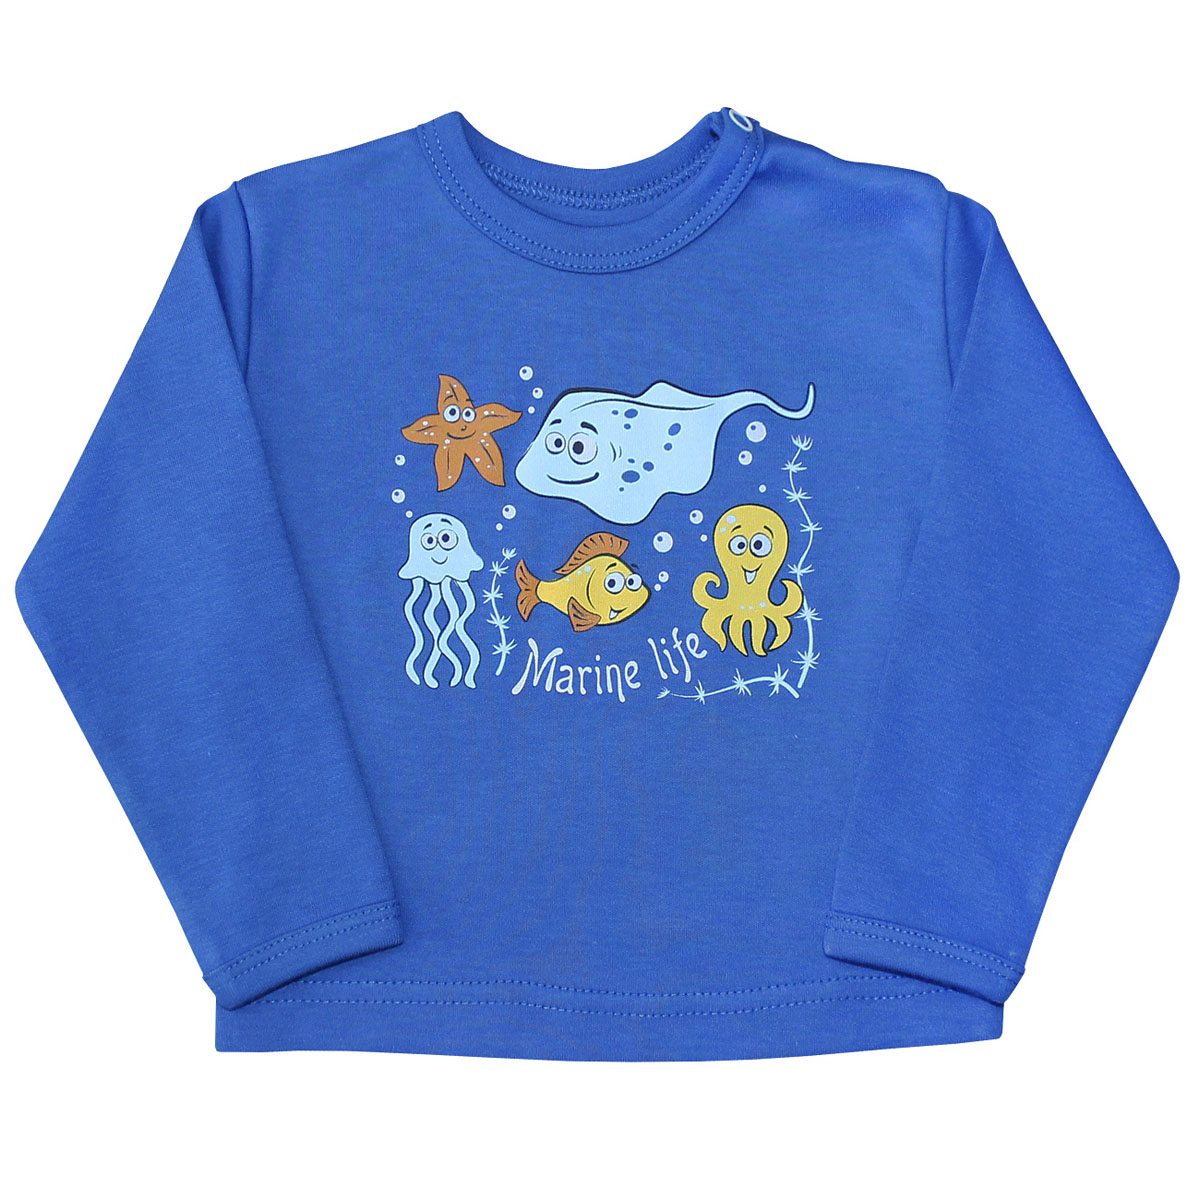 Лонгслив для мальчика Веселый малыш Морская жизнь, цвет: синий. 66322/мж-C (1). Размер 6866322Лонгслив для мальчика Веселый малыш Морская жизнь выполнен из качественного материала. Модель с круглым вырезом горловины и длинными рукавами.